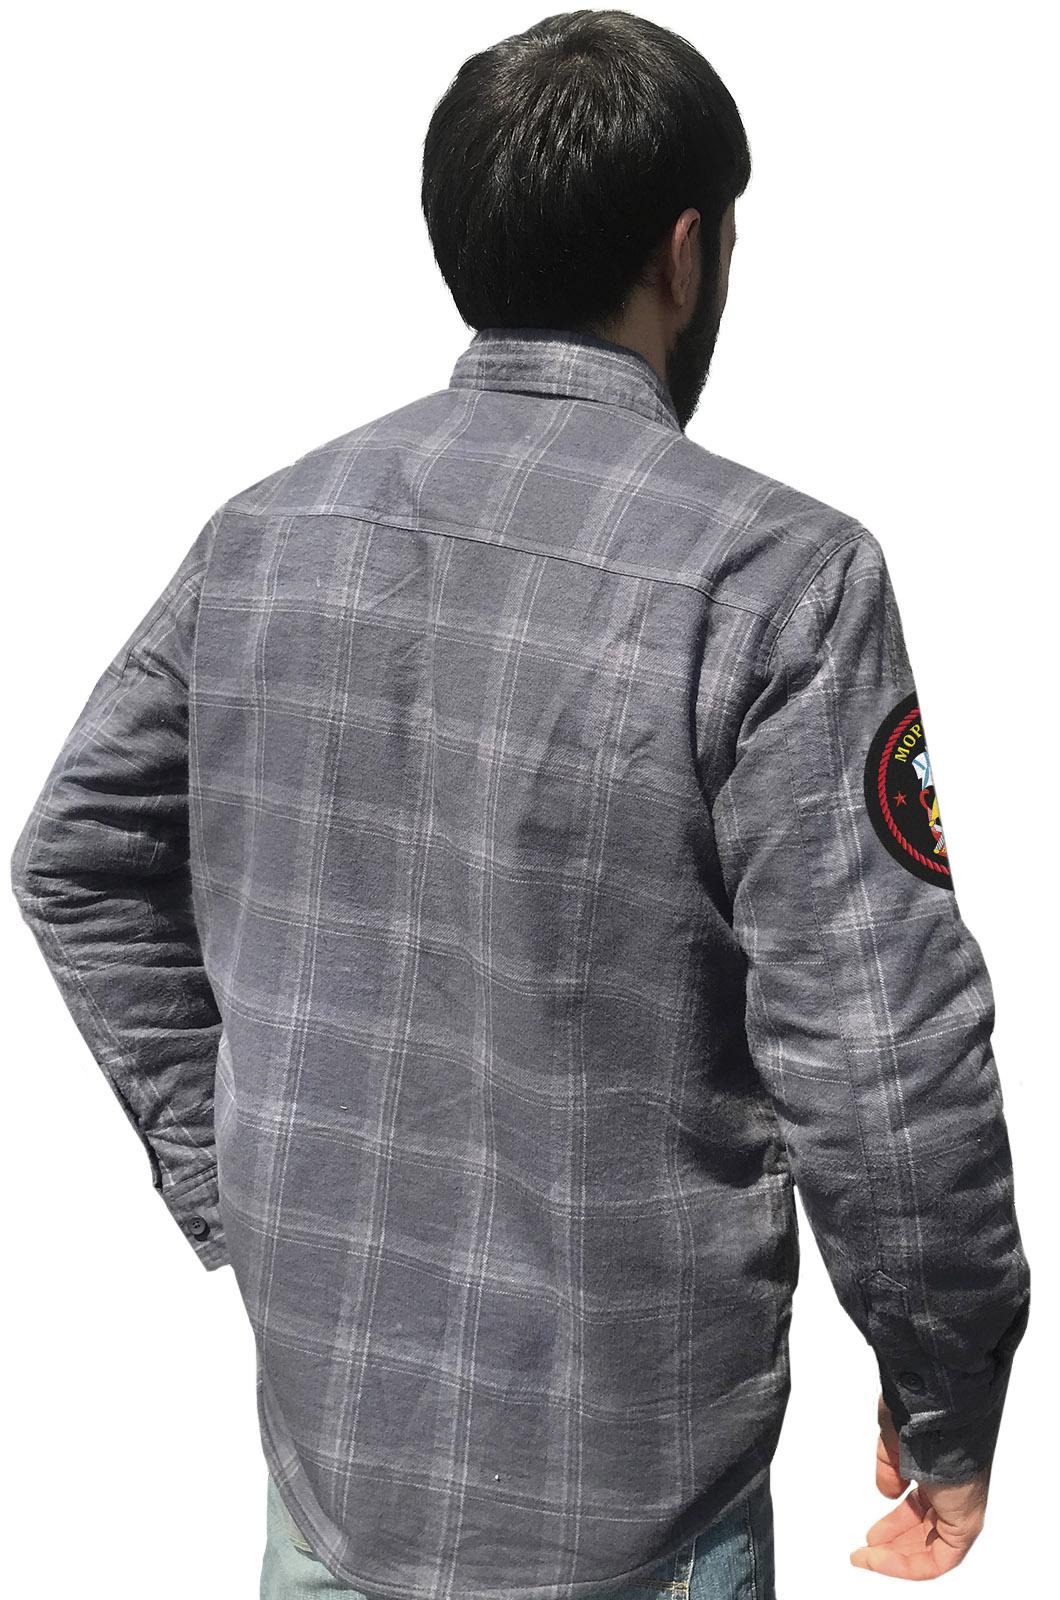 Мужская рубашка с шевроном заказать с доставкой